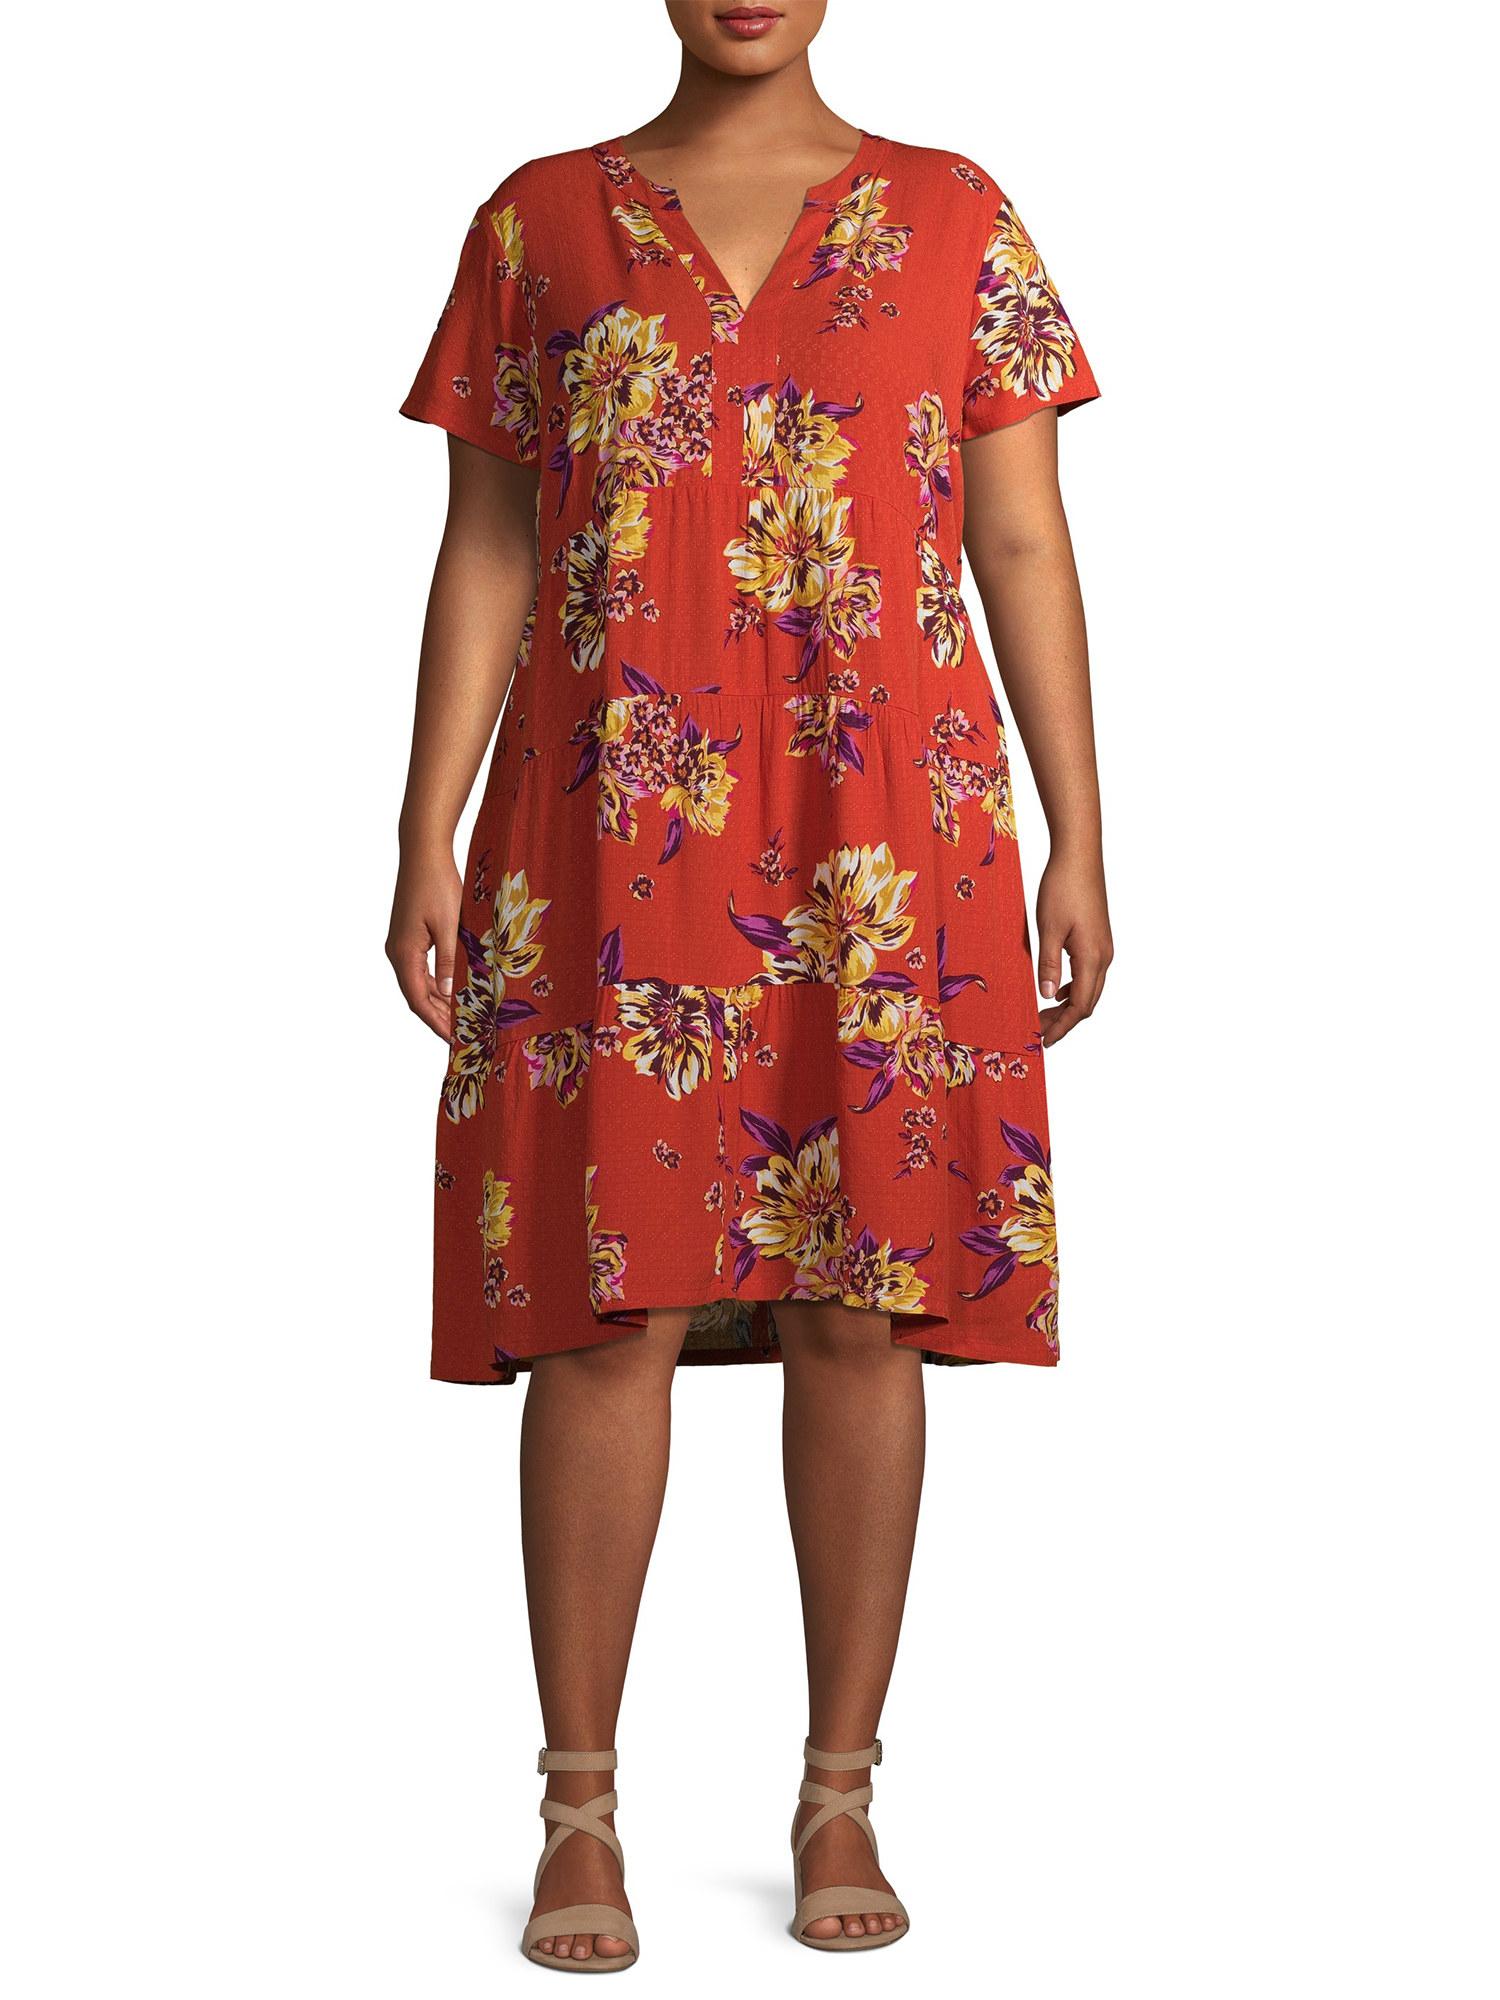 Model wears dress in orange harvest